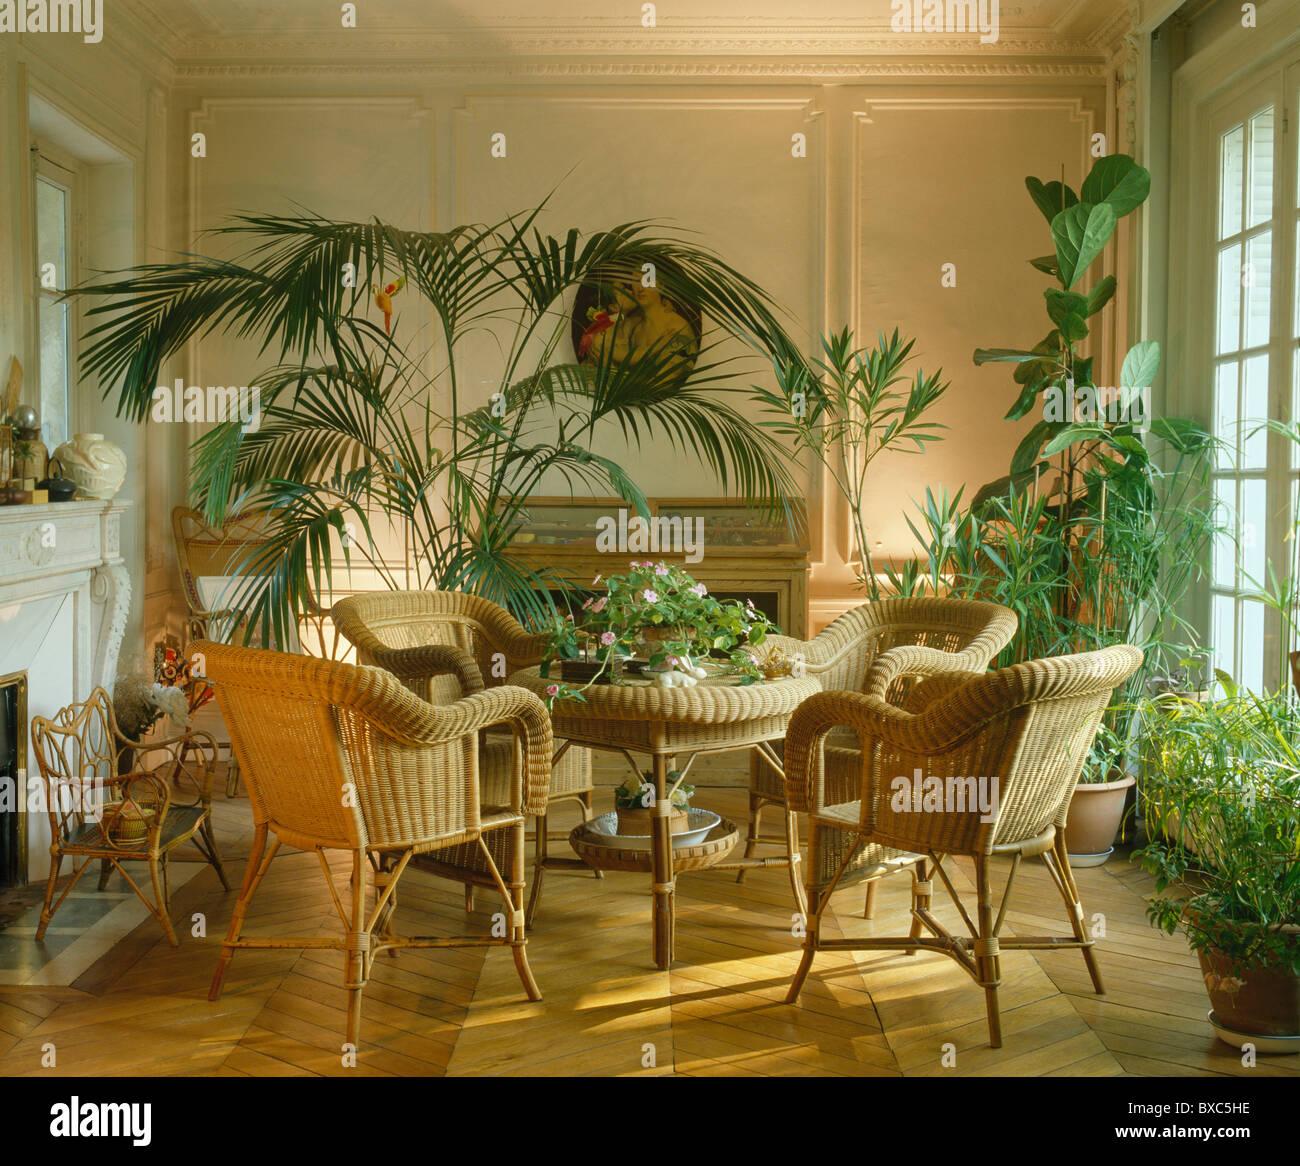 rohrstock st hle tisch mit topfpflanzen palmen und ppigen gr nen zimmerpflanzen in. Black Bedroom Furniture Sets. Home Design Ideas